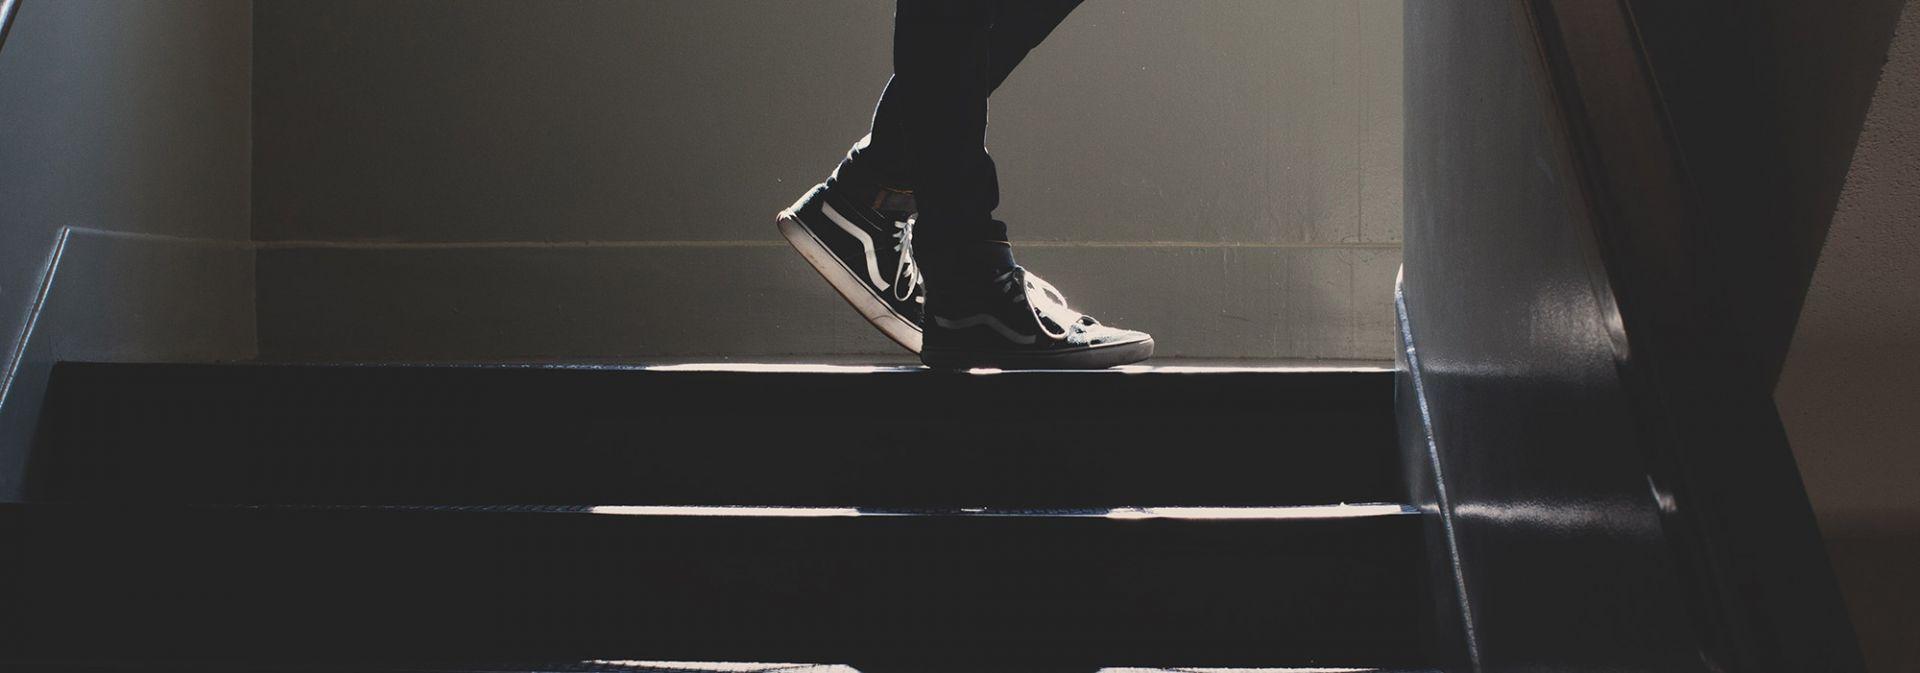 Ihminen seisoo rappukäytävässä, kuvassa näkyvät vain hänen tennarinsa. Taustalta lankeaa voimakas valo.